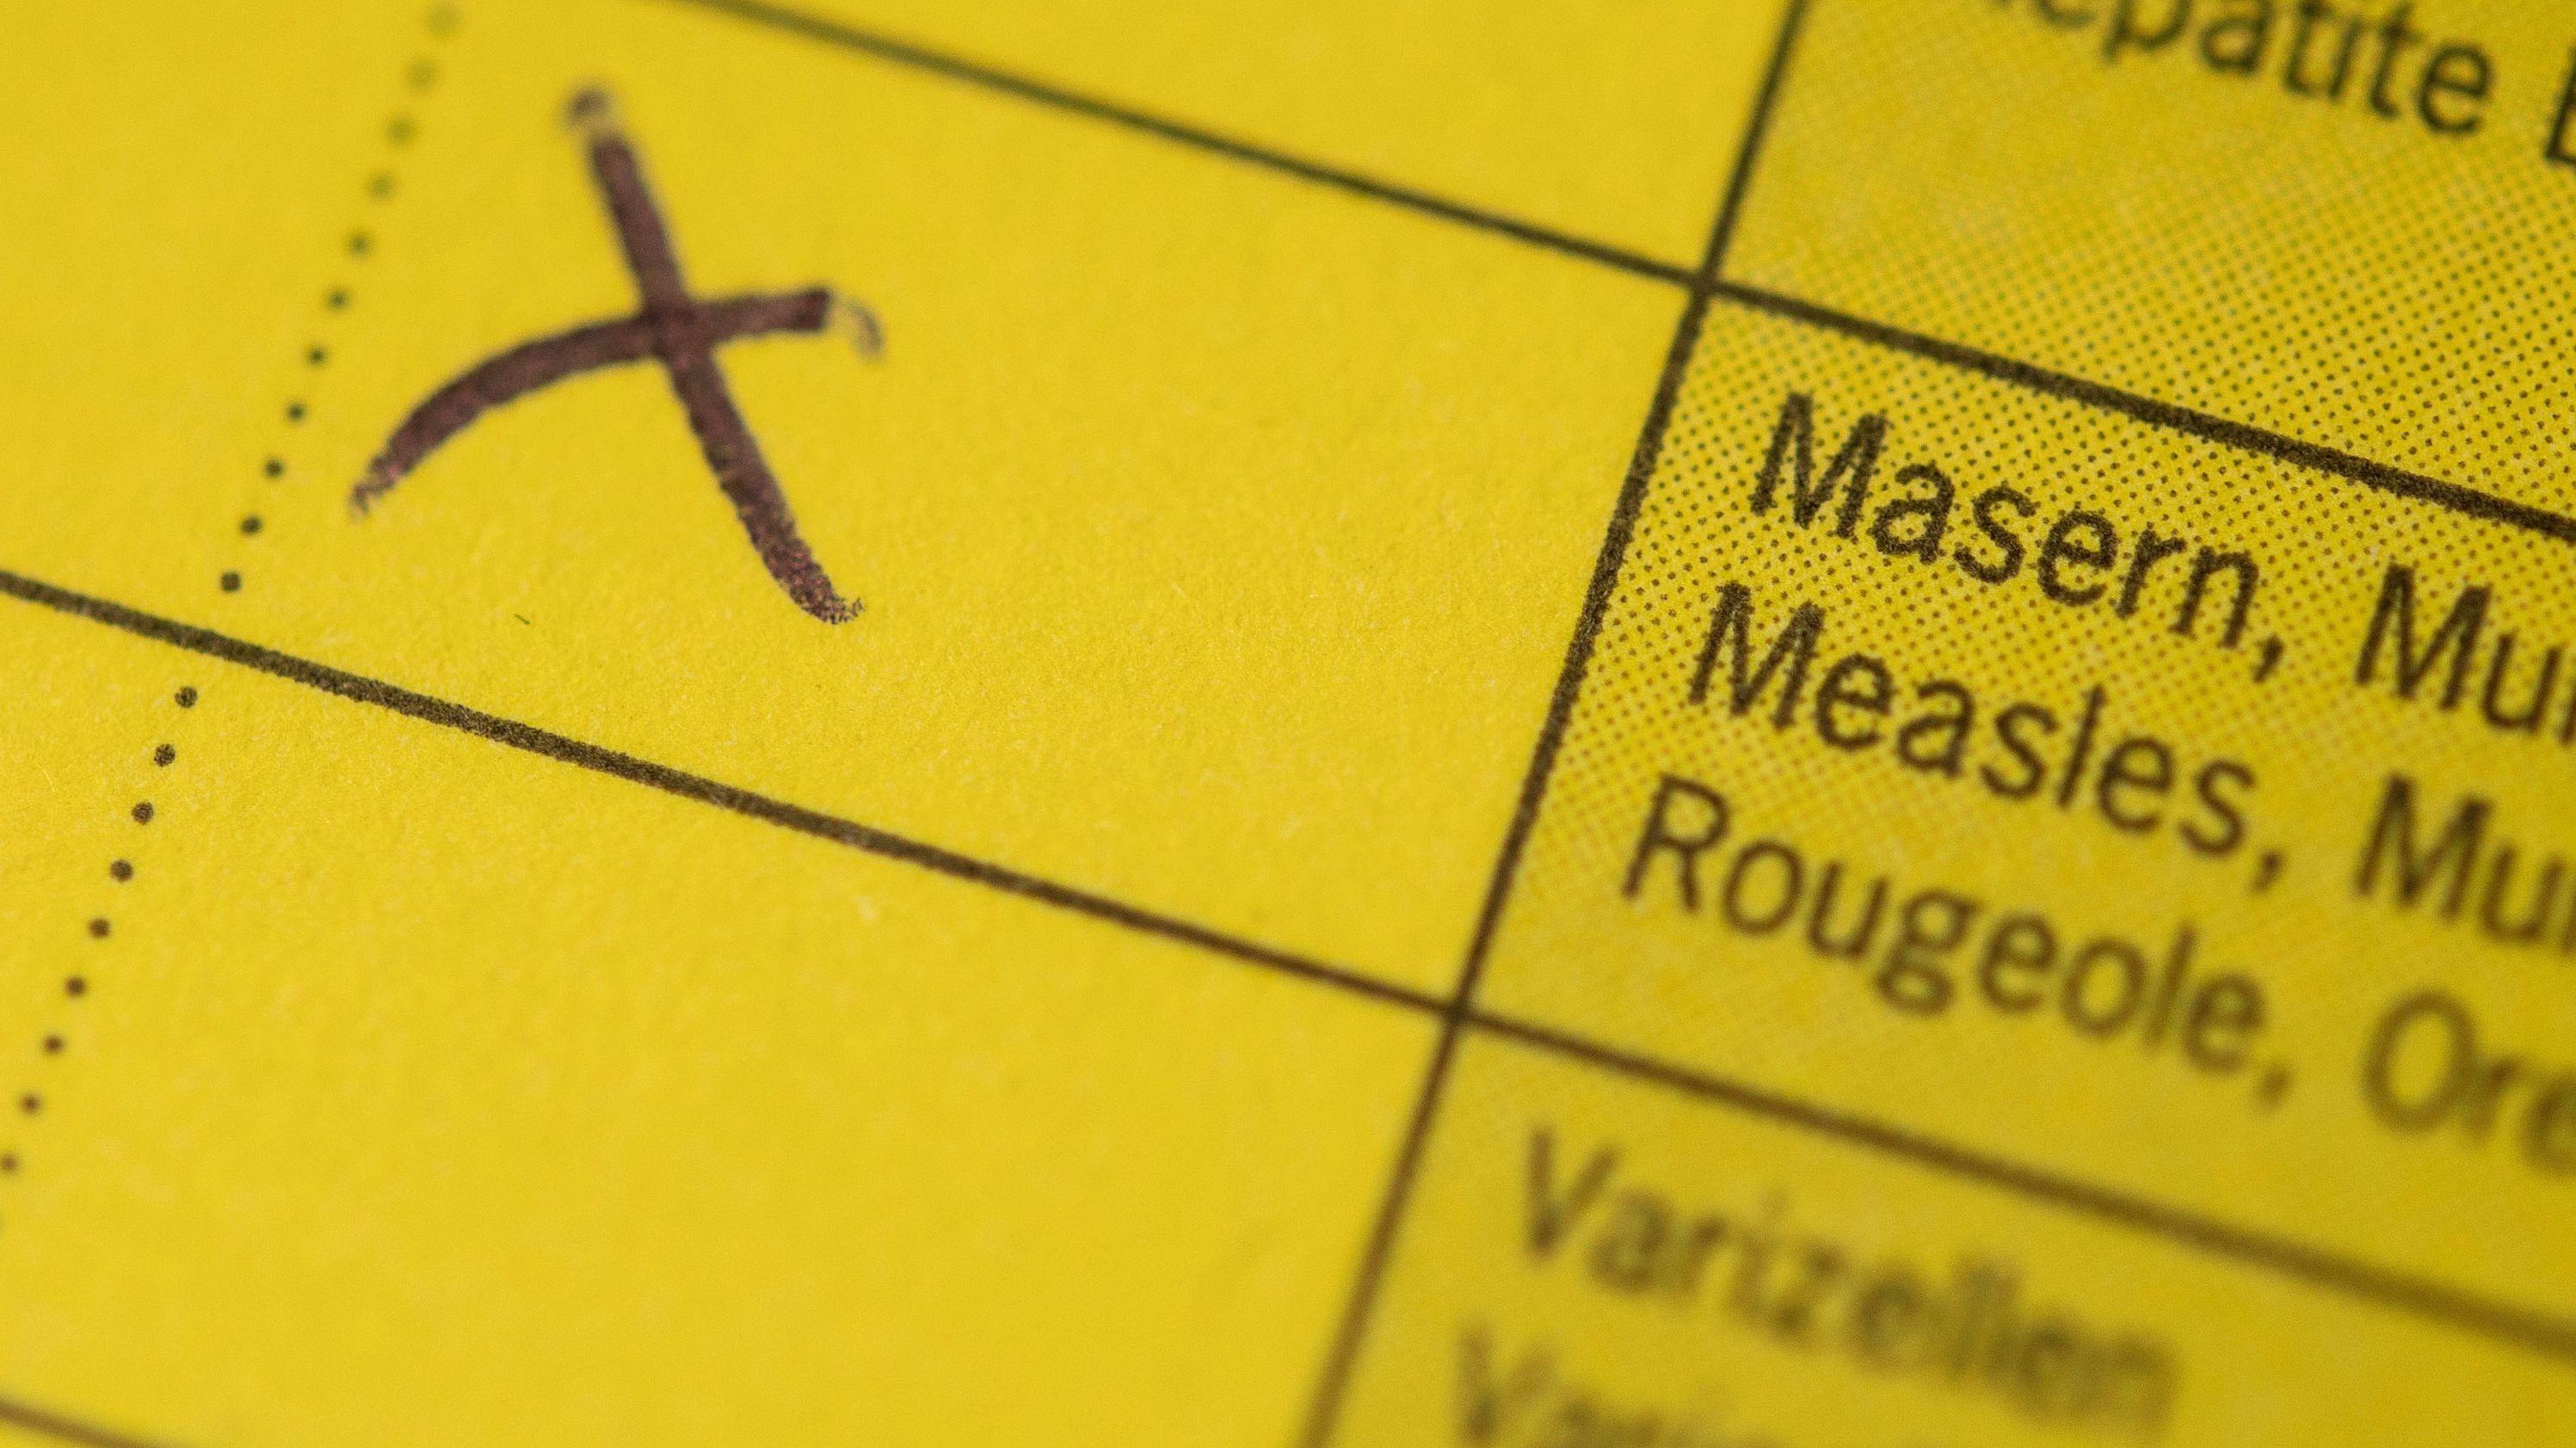 Ein Impfpass mit der Spalte für die Masernschutzimpfung und einem Kreuz